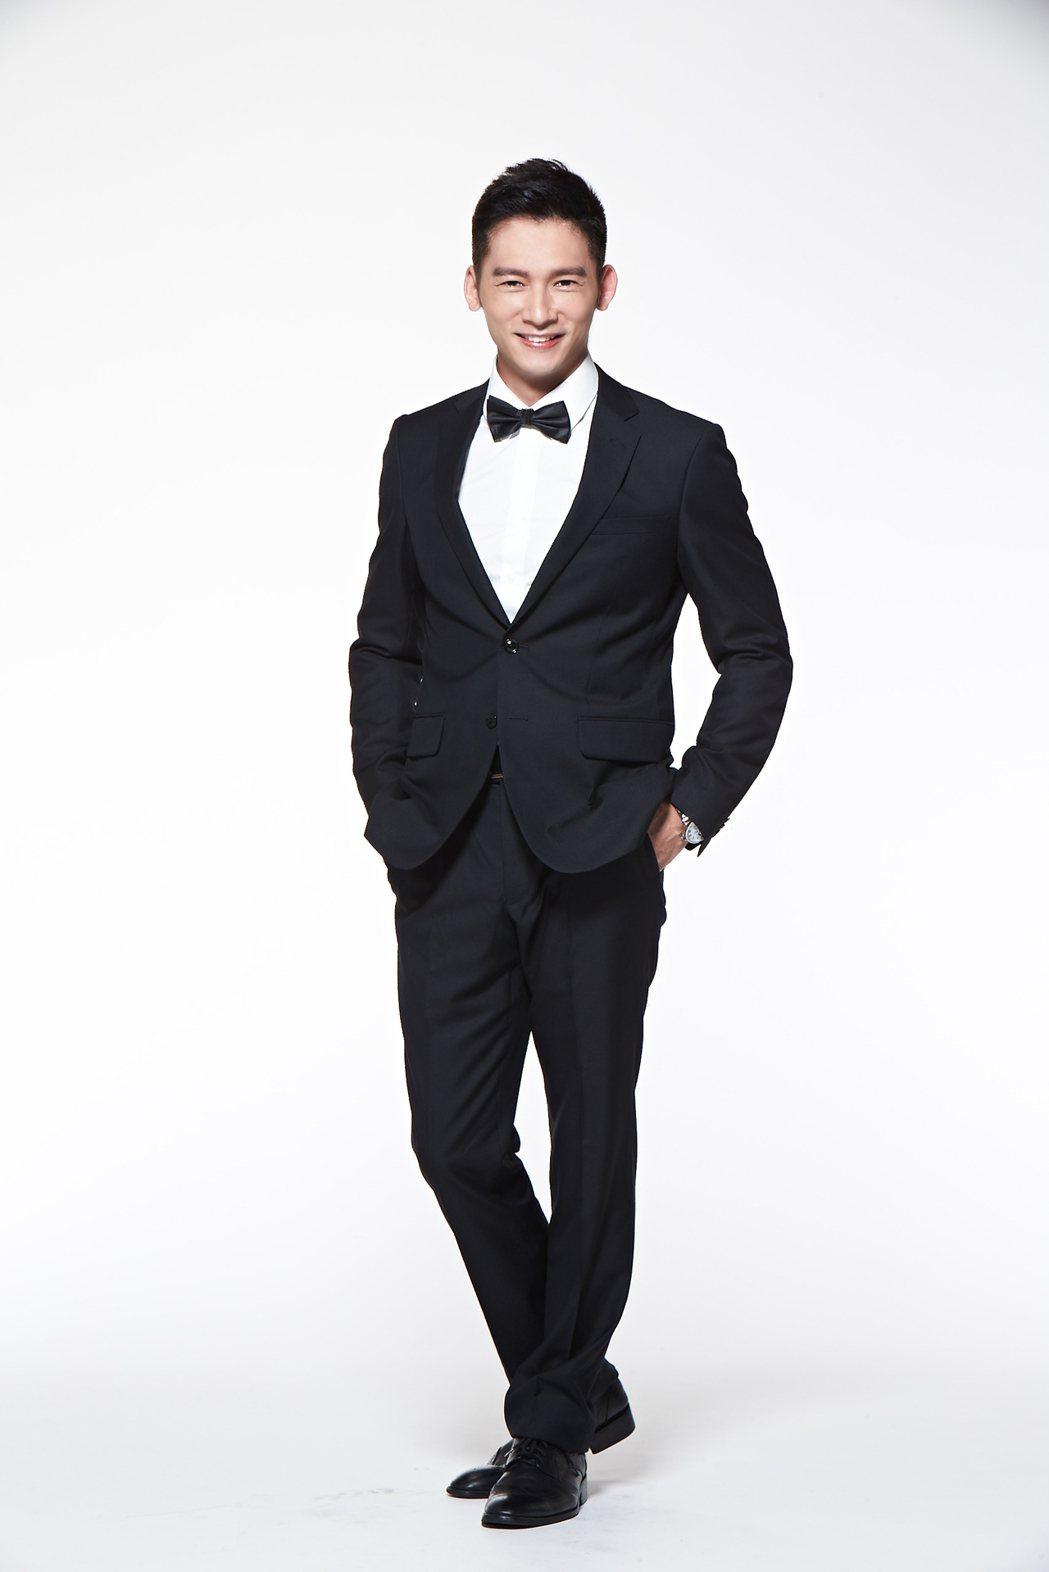 溫昇豪以新加坡歷史劇「星月傳奇」,獲本屆國際艾美獎最佳男表角入圍。圖/伊林提供